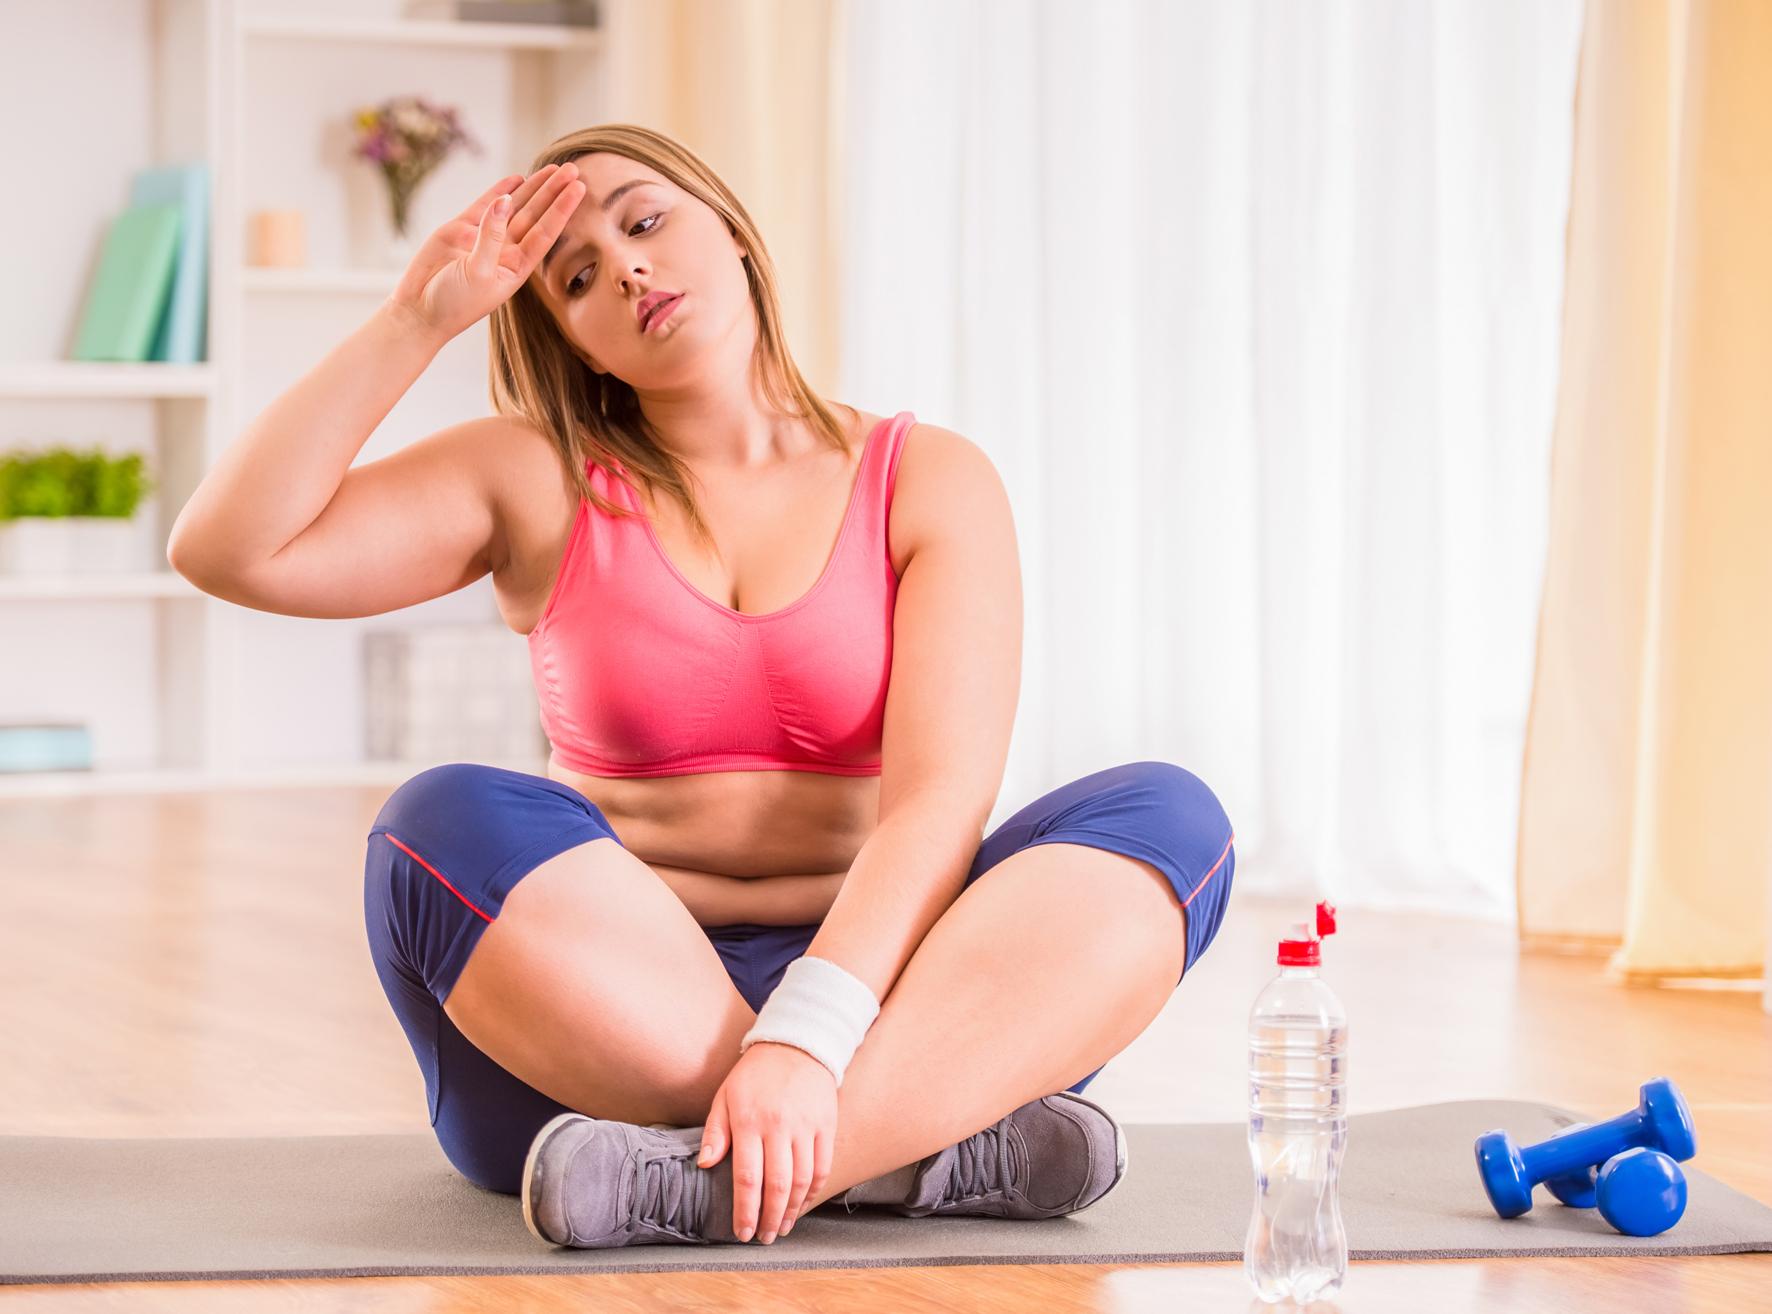 Proto má i štíhlá žena v průměru vyšší podíl tukové tkáně než muž (15 – 25 % oproti 10 – 20 % u muže).